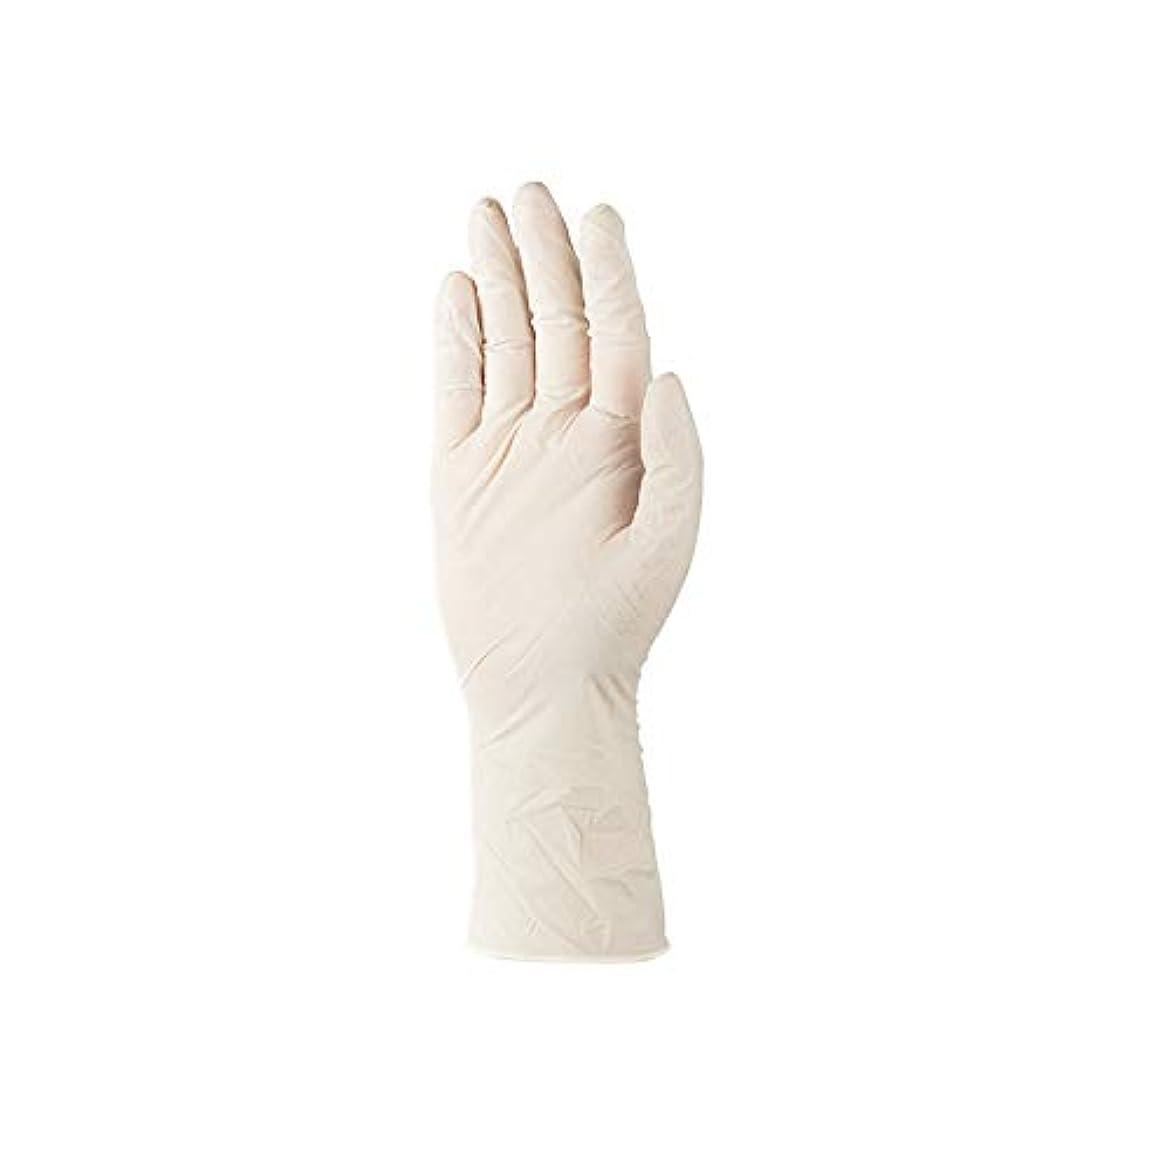 コミュニケーション宇宙著名なニトリルラテックス使い捨て手袋ゴム製病院用手袋厚くケータリング家事歯科,White#1232,XS